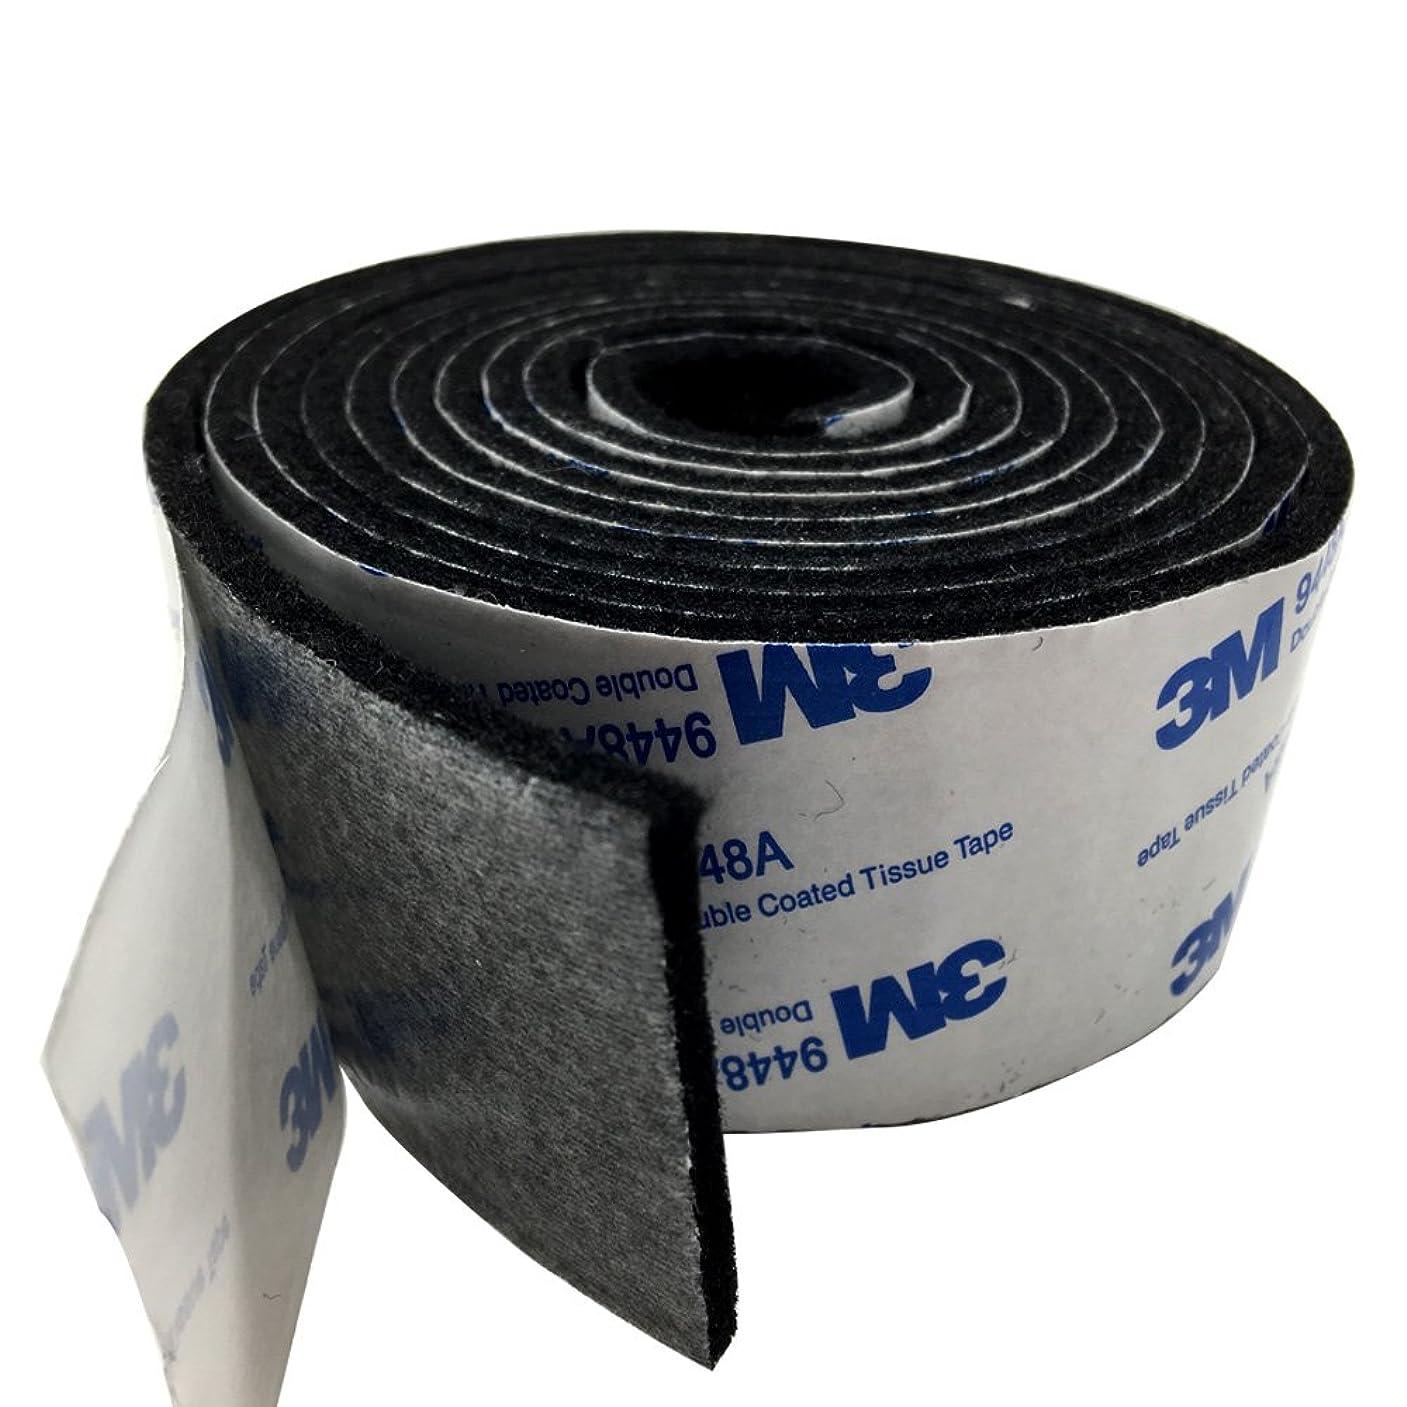 敵意フットボール教養があるTetedeer 床のキズ防止テープ 自由にカットして使用可 幅4cm 長200cm (ブラック)